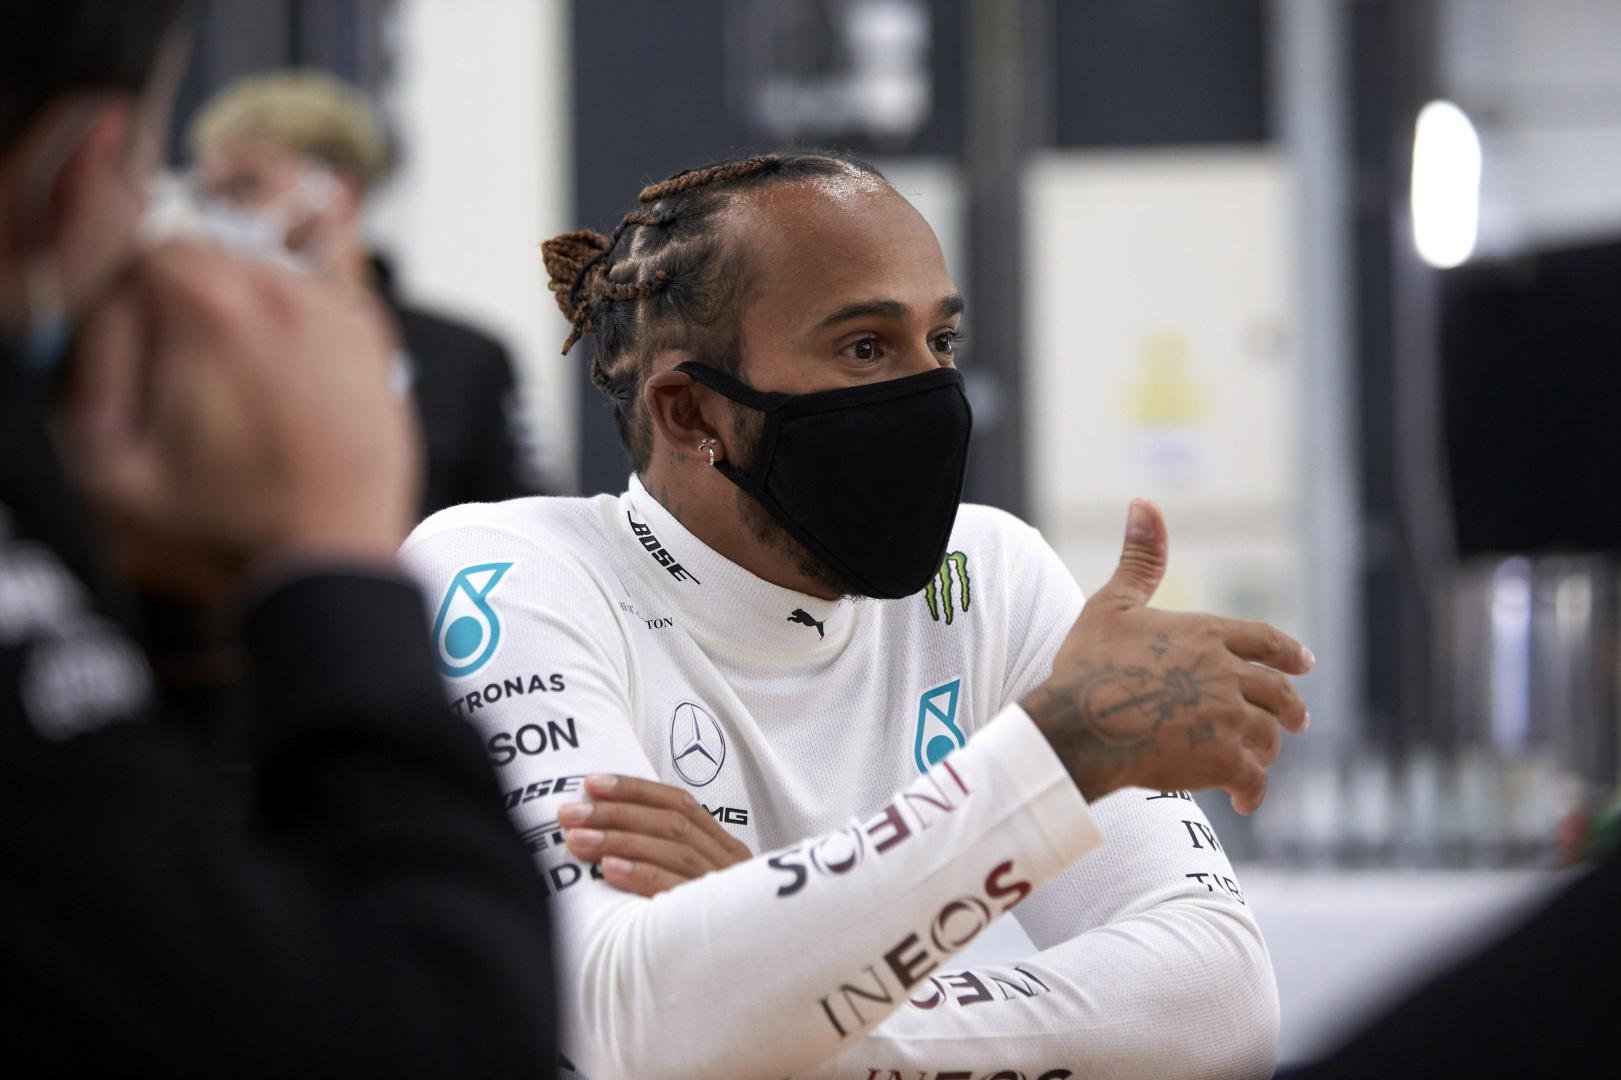 L. Hamiltonas už naują kontraktą prašo 50 mln. dolerių